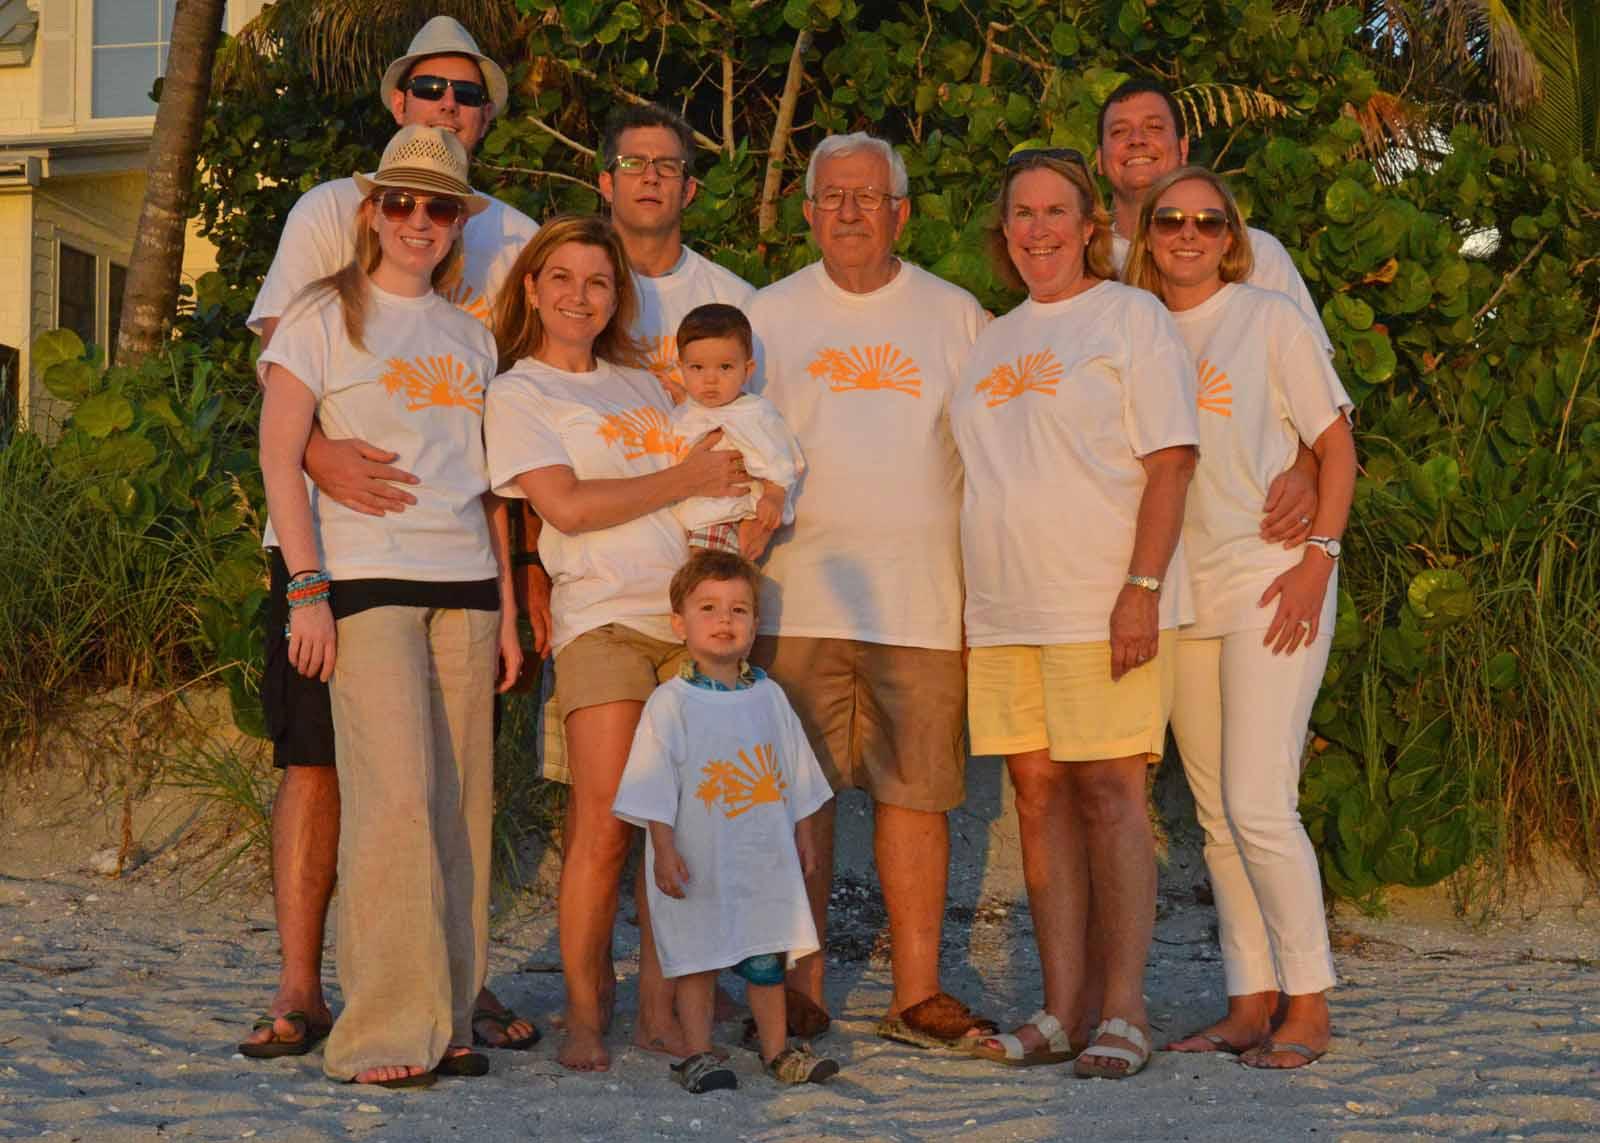 Ghantous Family Photo Beach 2013.jpg